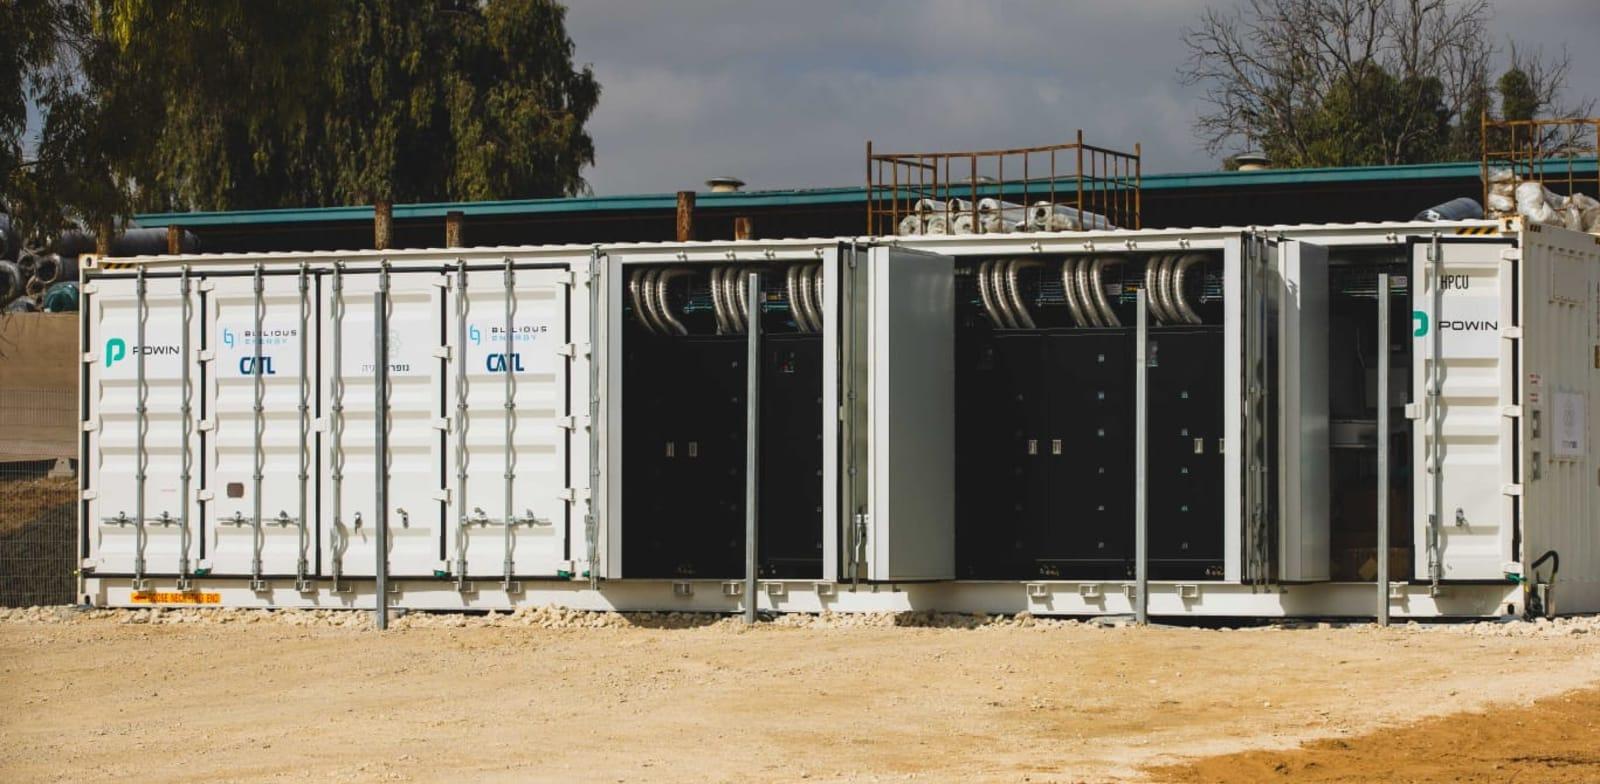 מתקן אגירה של נופר אנרגיה / צילום: ארז עוזיר